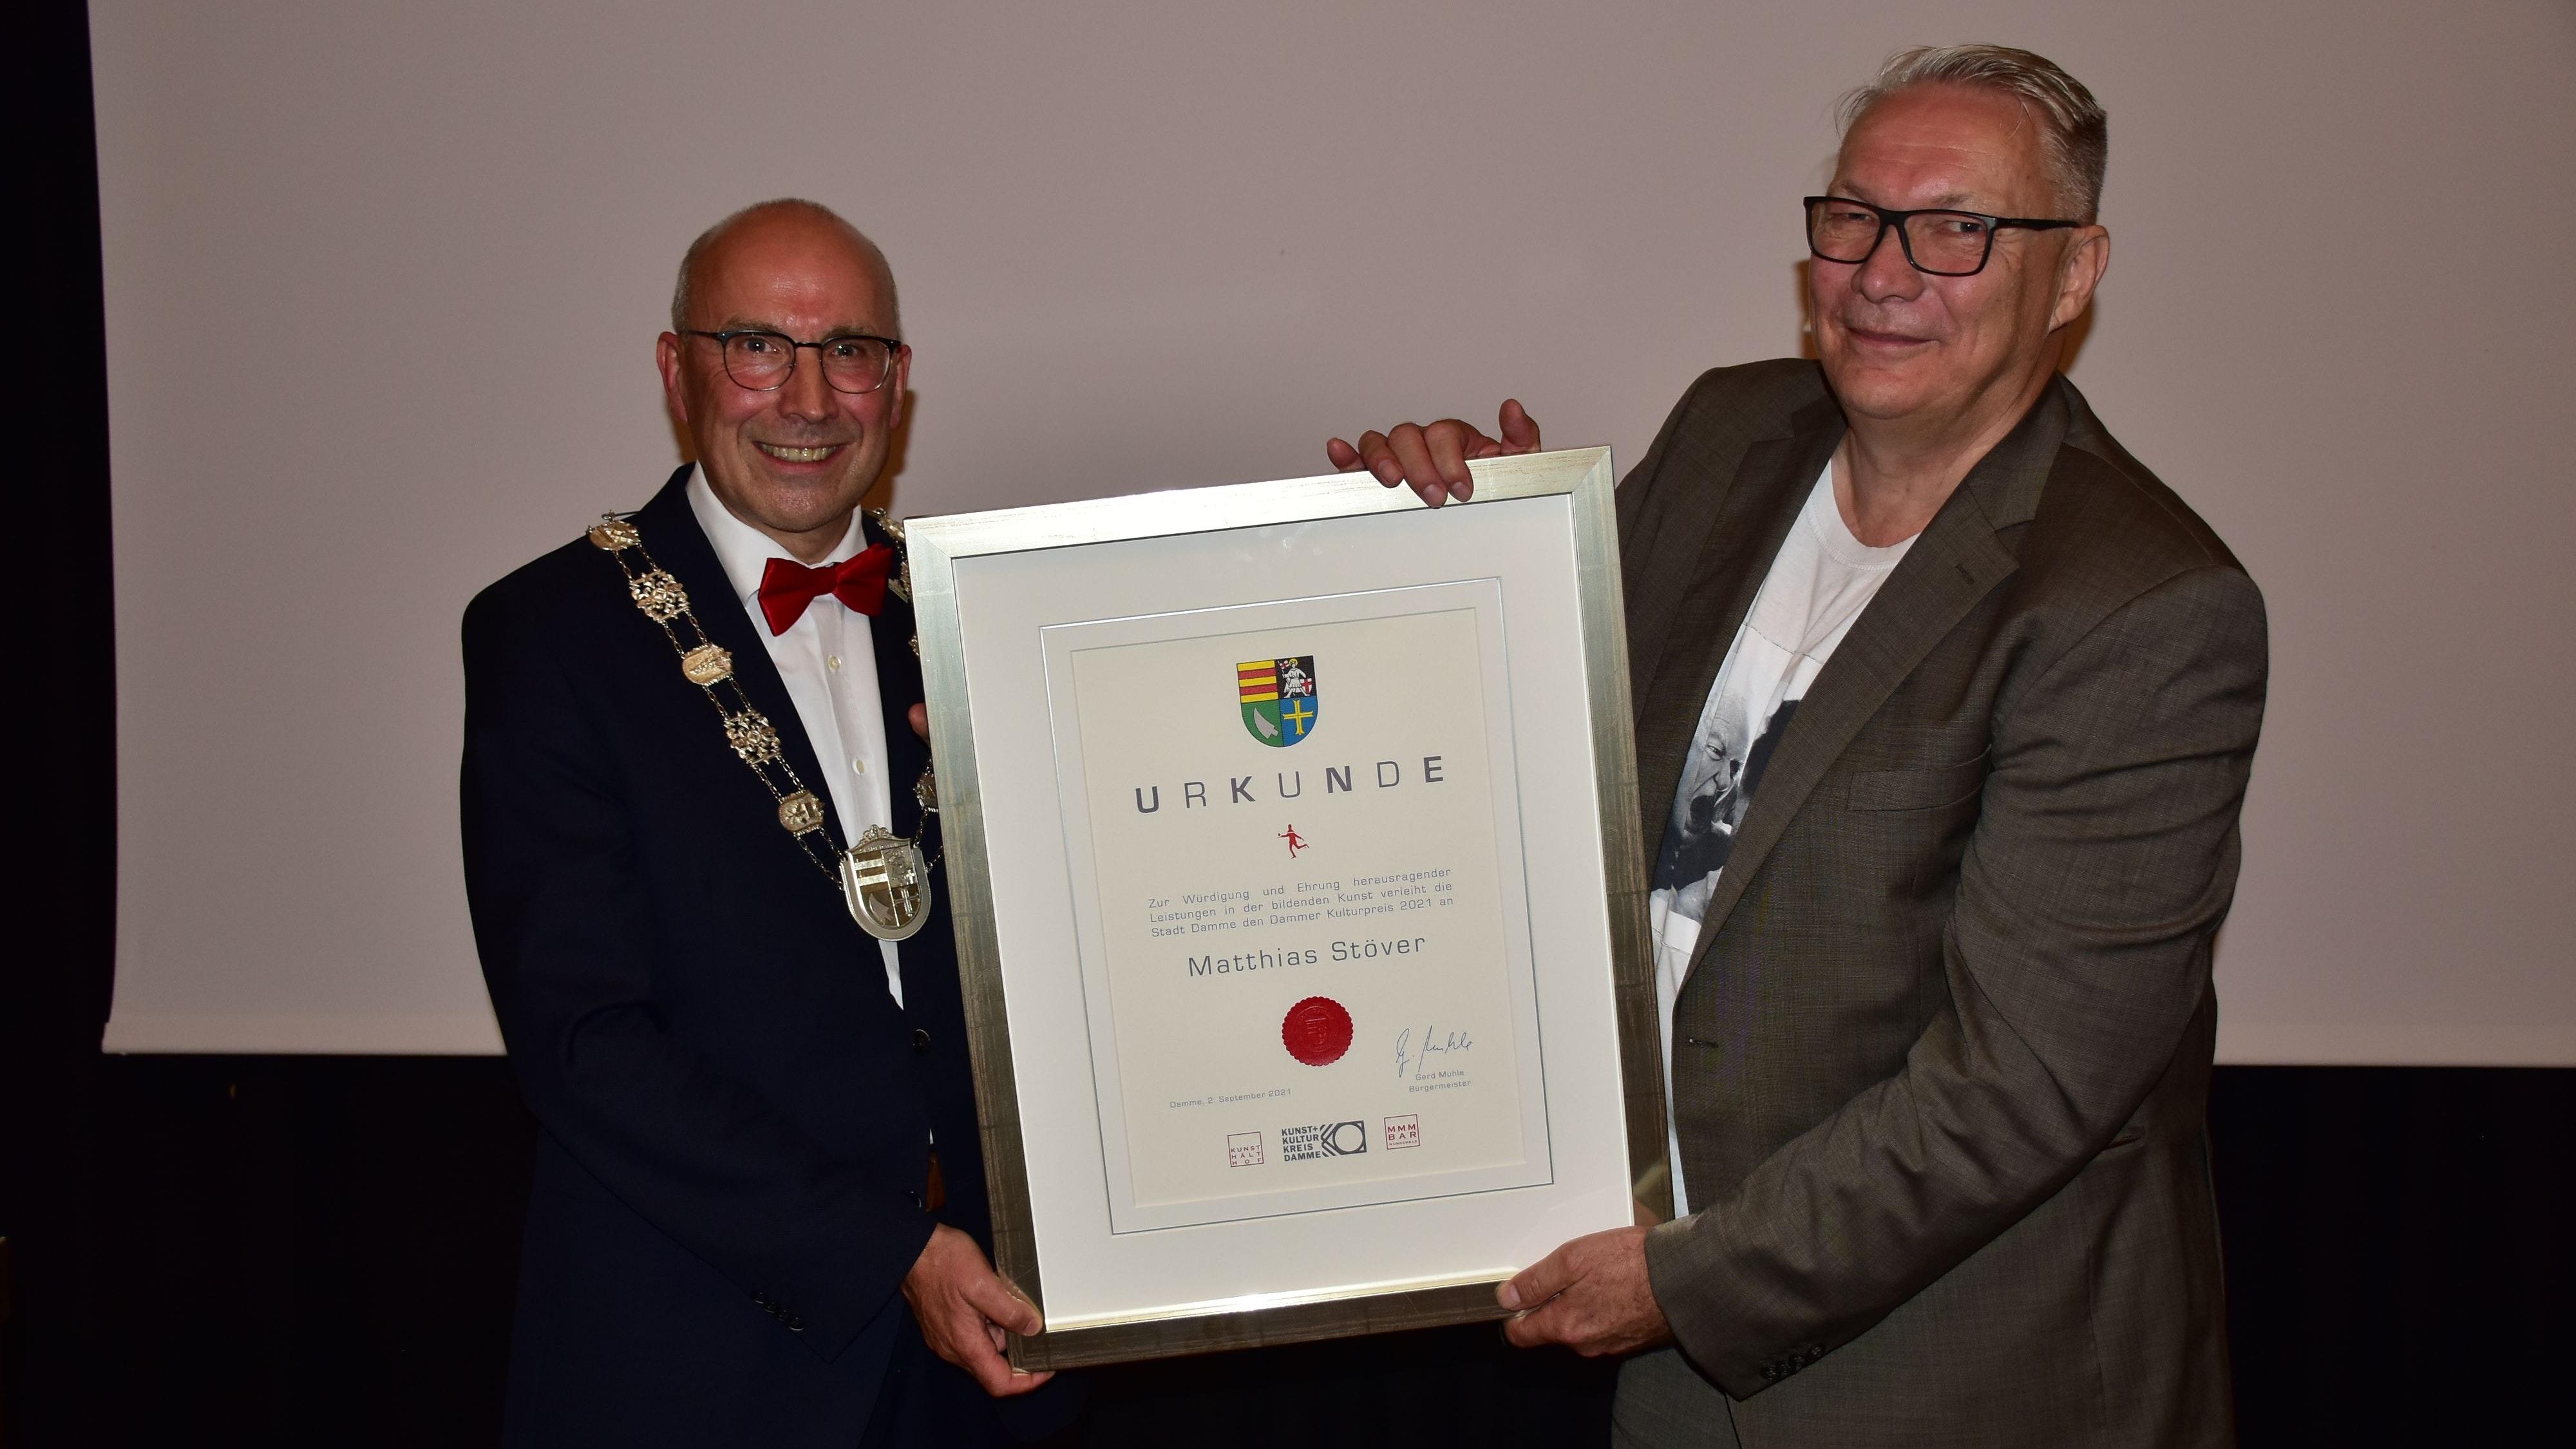 Der Laudator und der Ausgezeichnete: Gerd Muhle (links) überreichte Matthias Stöver die Urkunde, die er sich als Träger des Kulturpreises 2021 verdient hat. Foto: Lammert